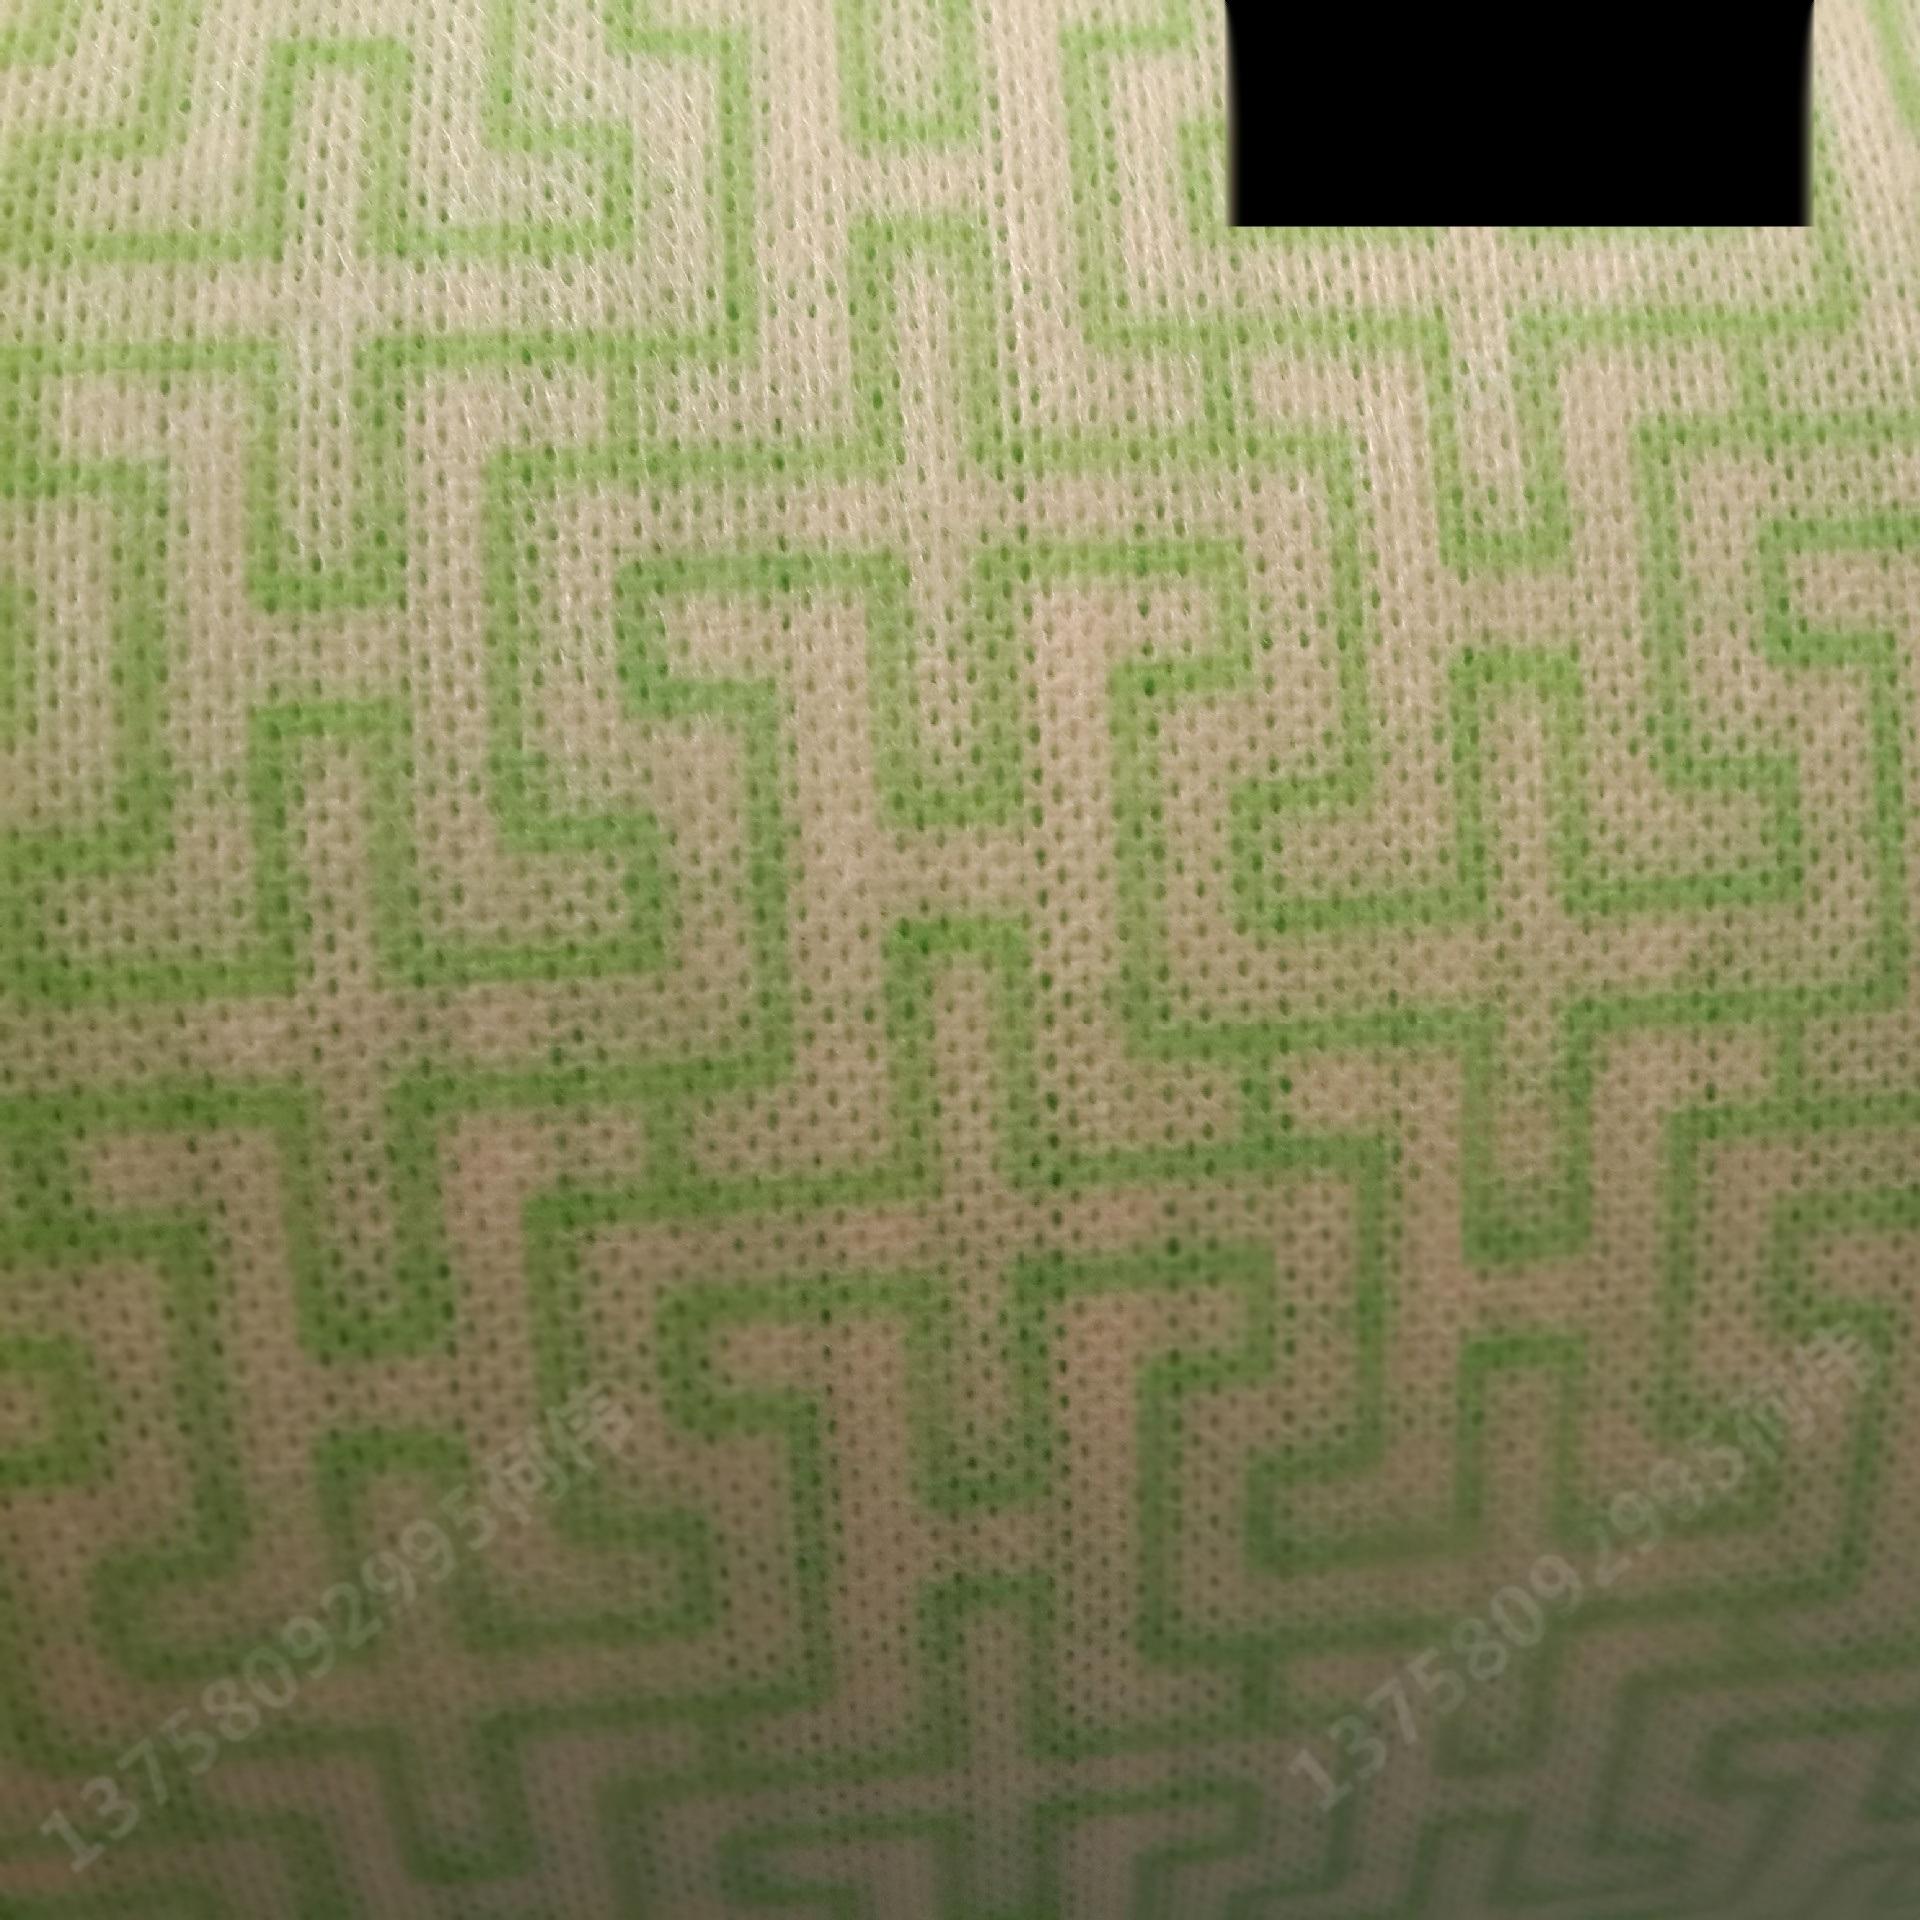 竹纤维水刺无纺布